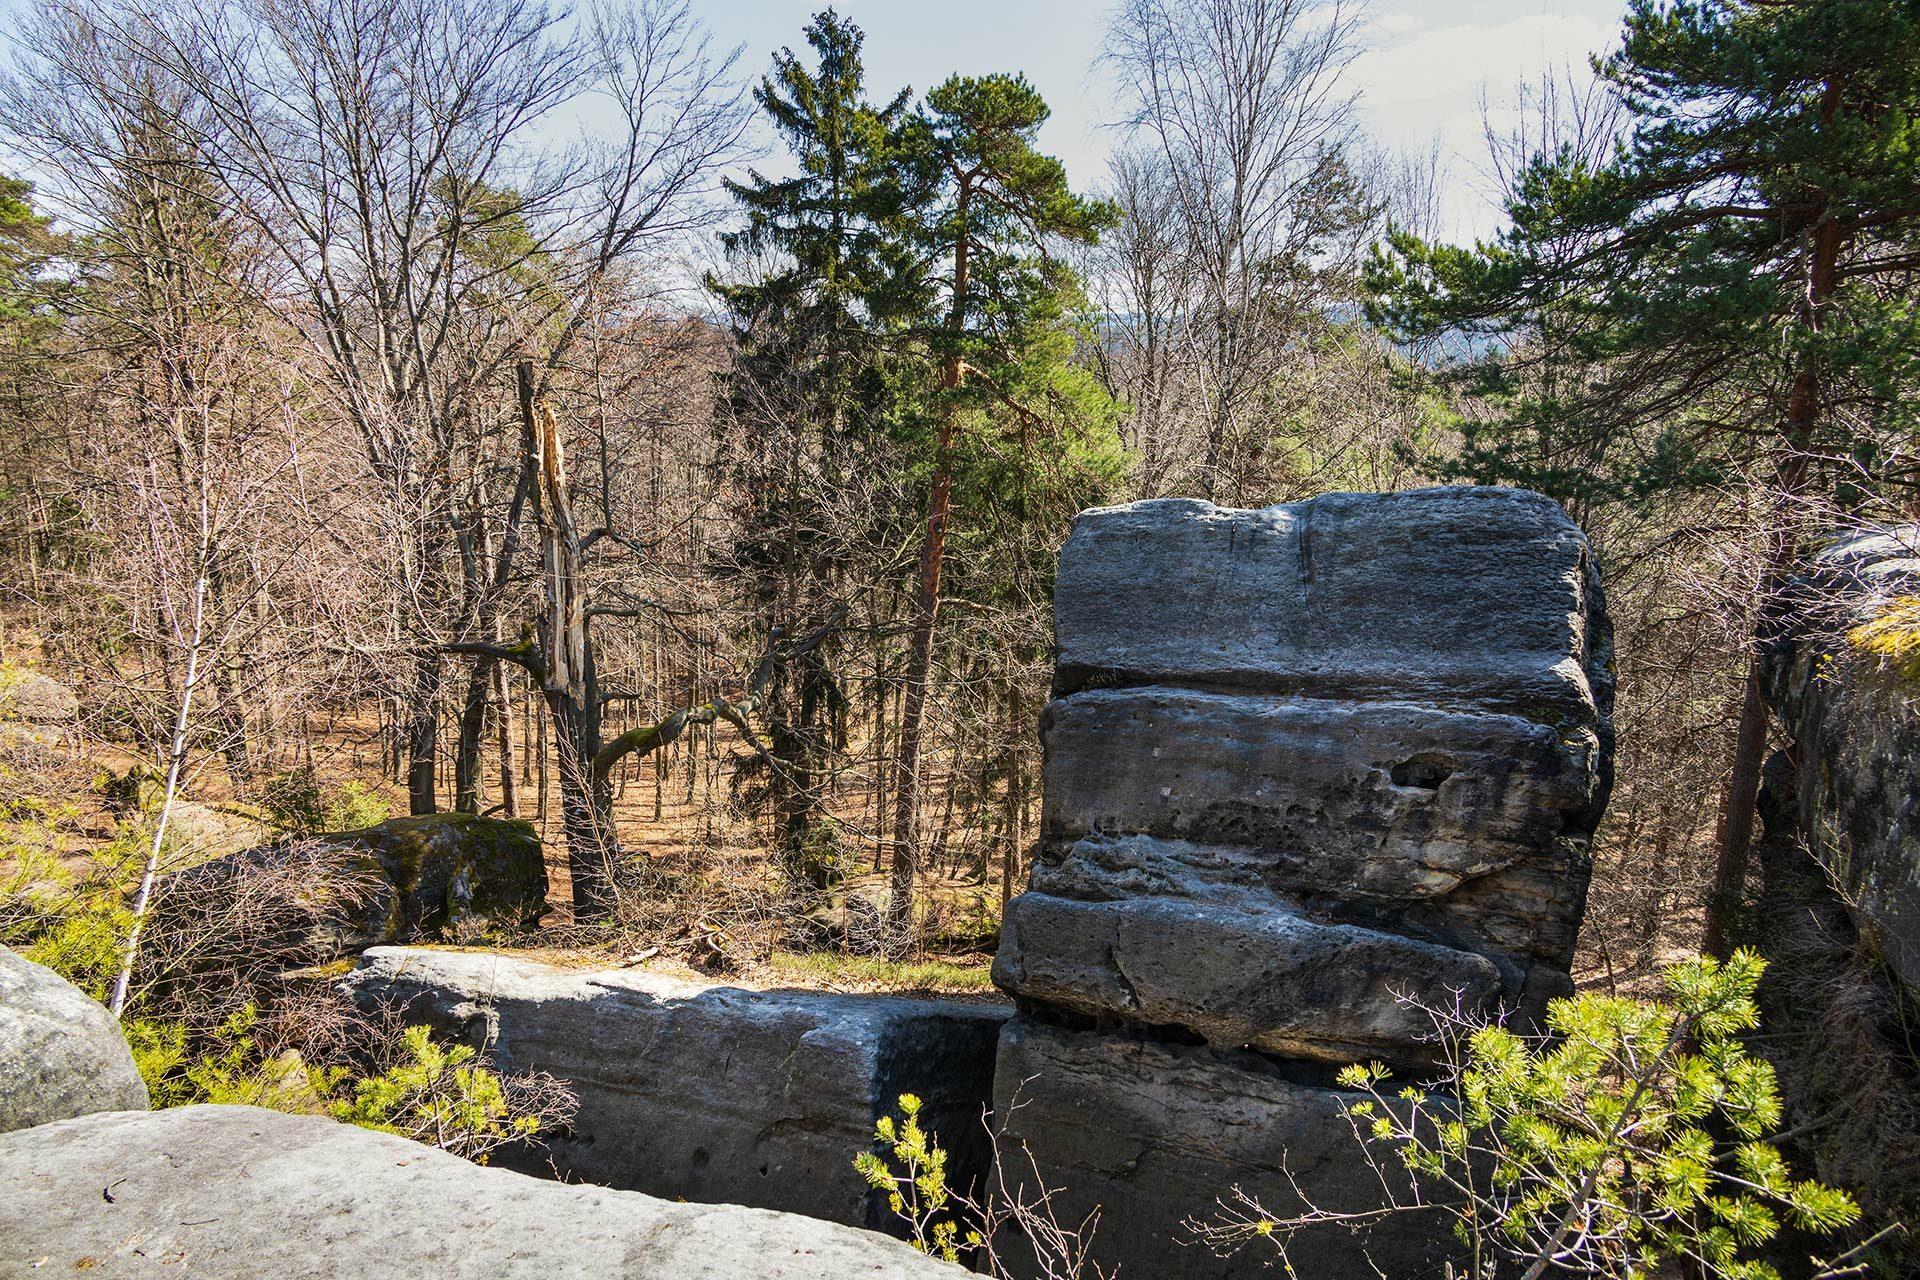 Oberhalb der Felsen, die ziemlich leicht zu erklettern sind, weht ein laues Lüftchen zwischen den noch kargen Bäumen